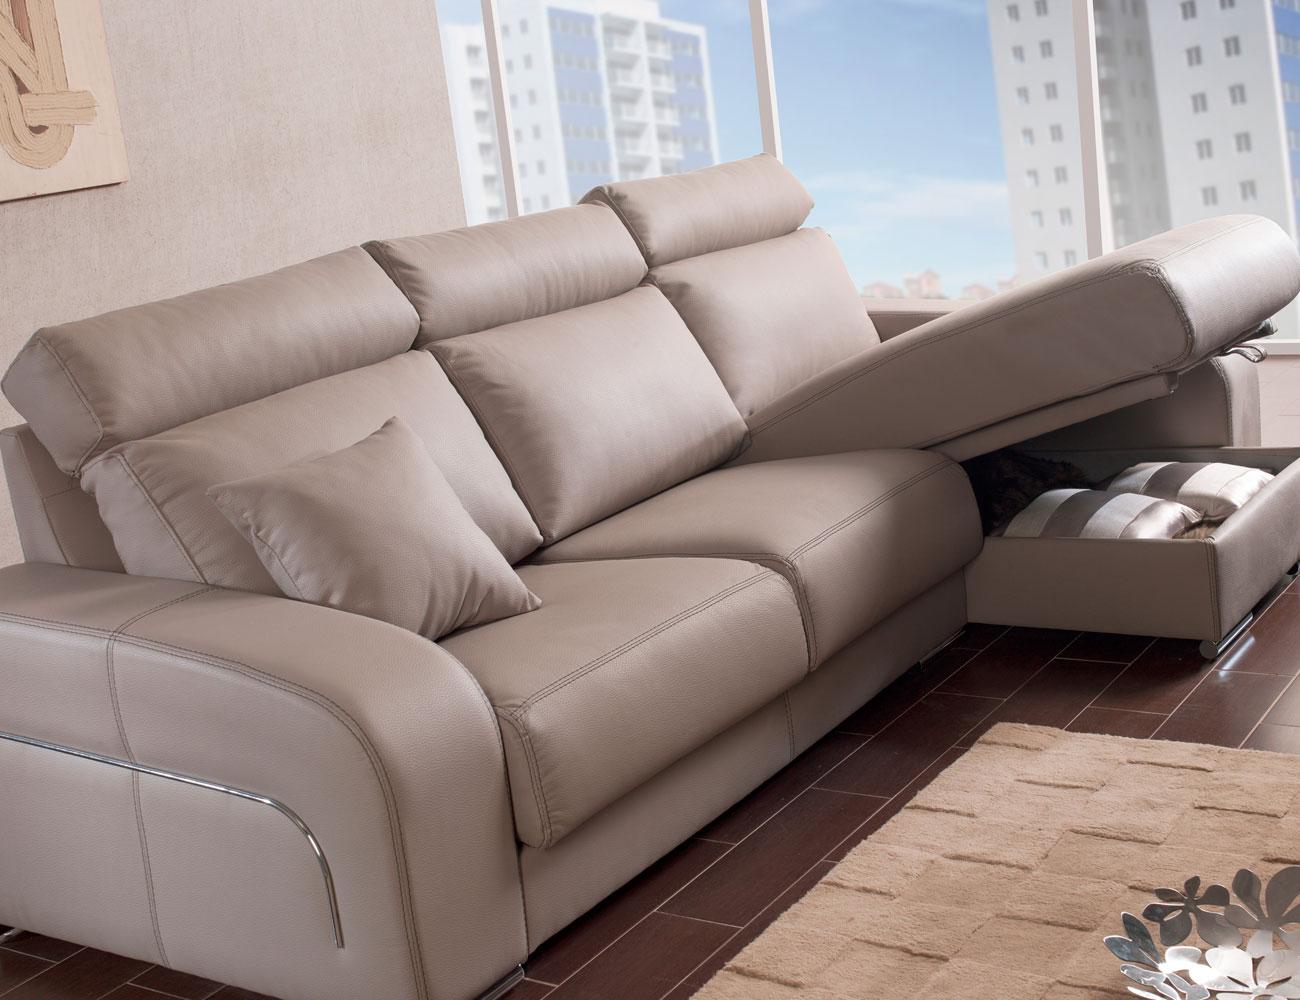 Sofa chaiselongue moderno pared cero arcon52